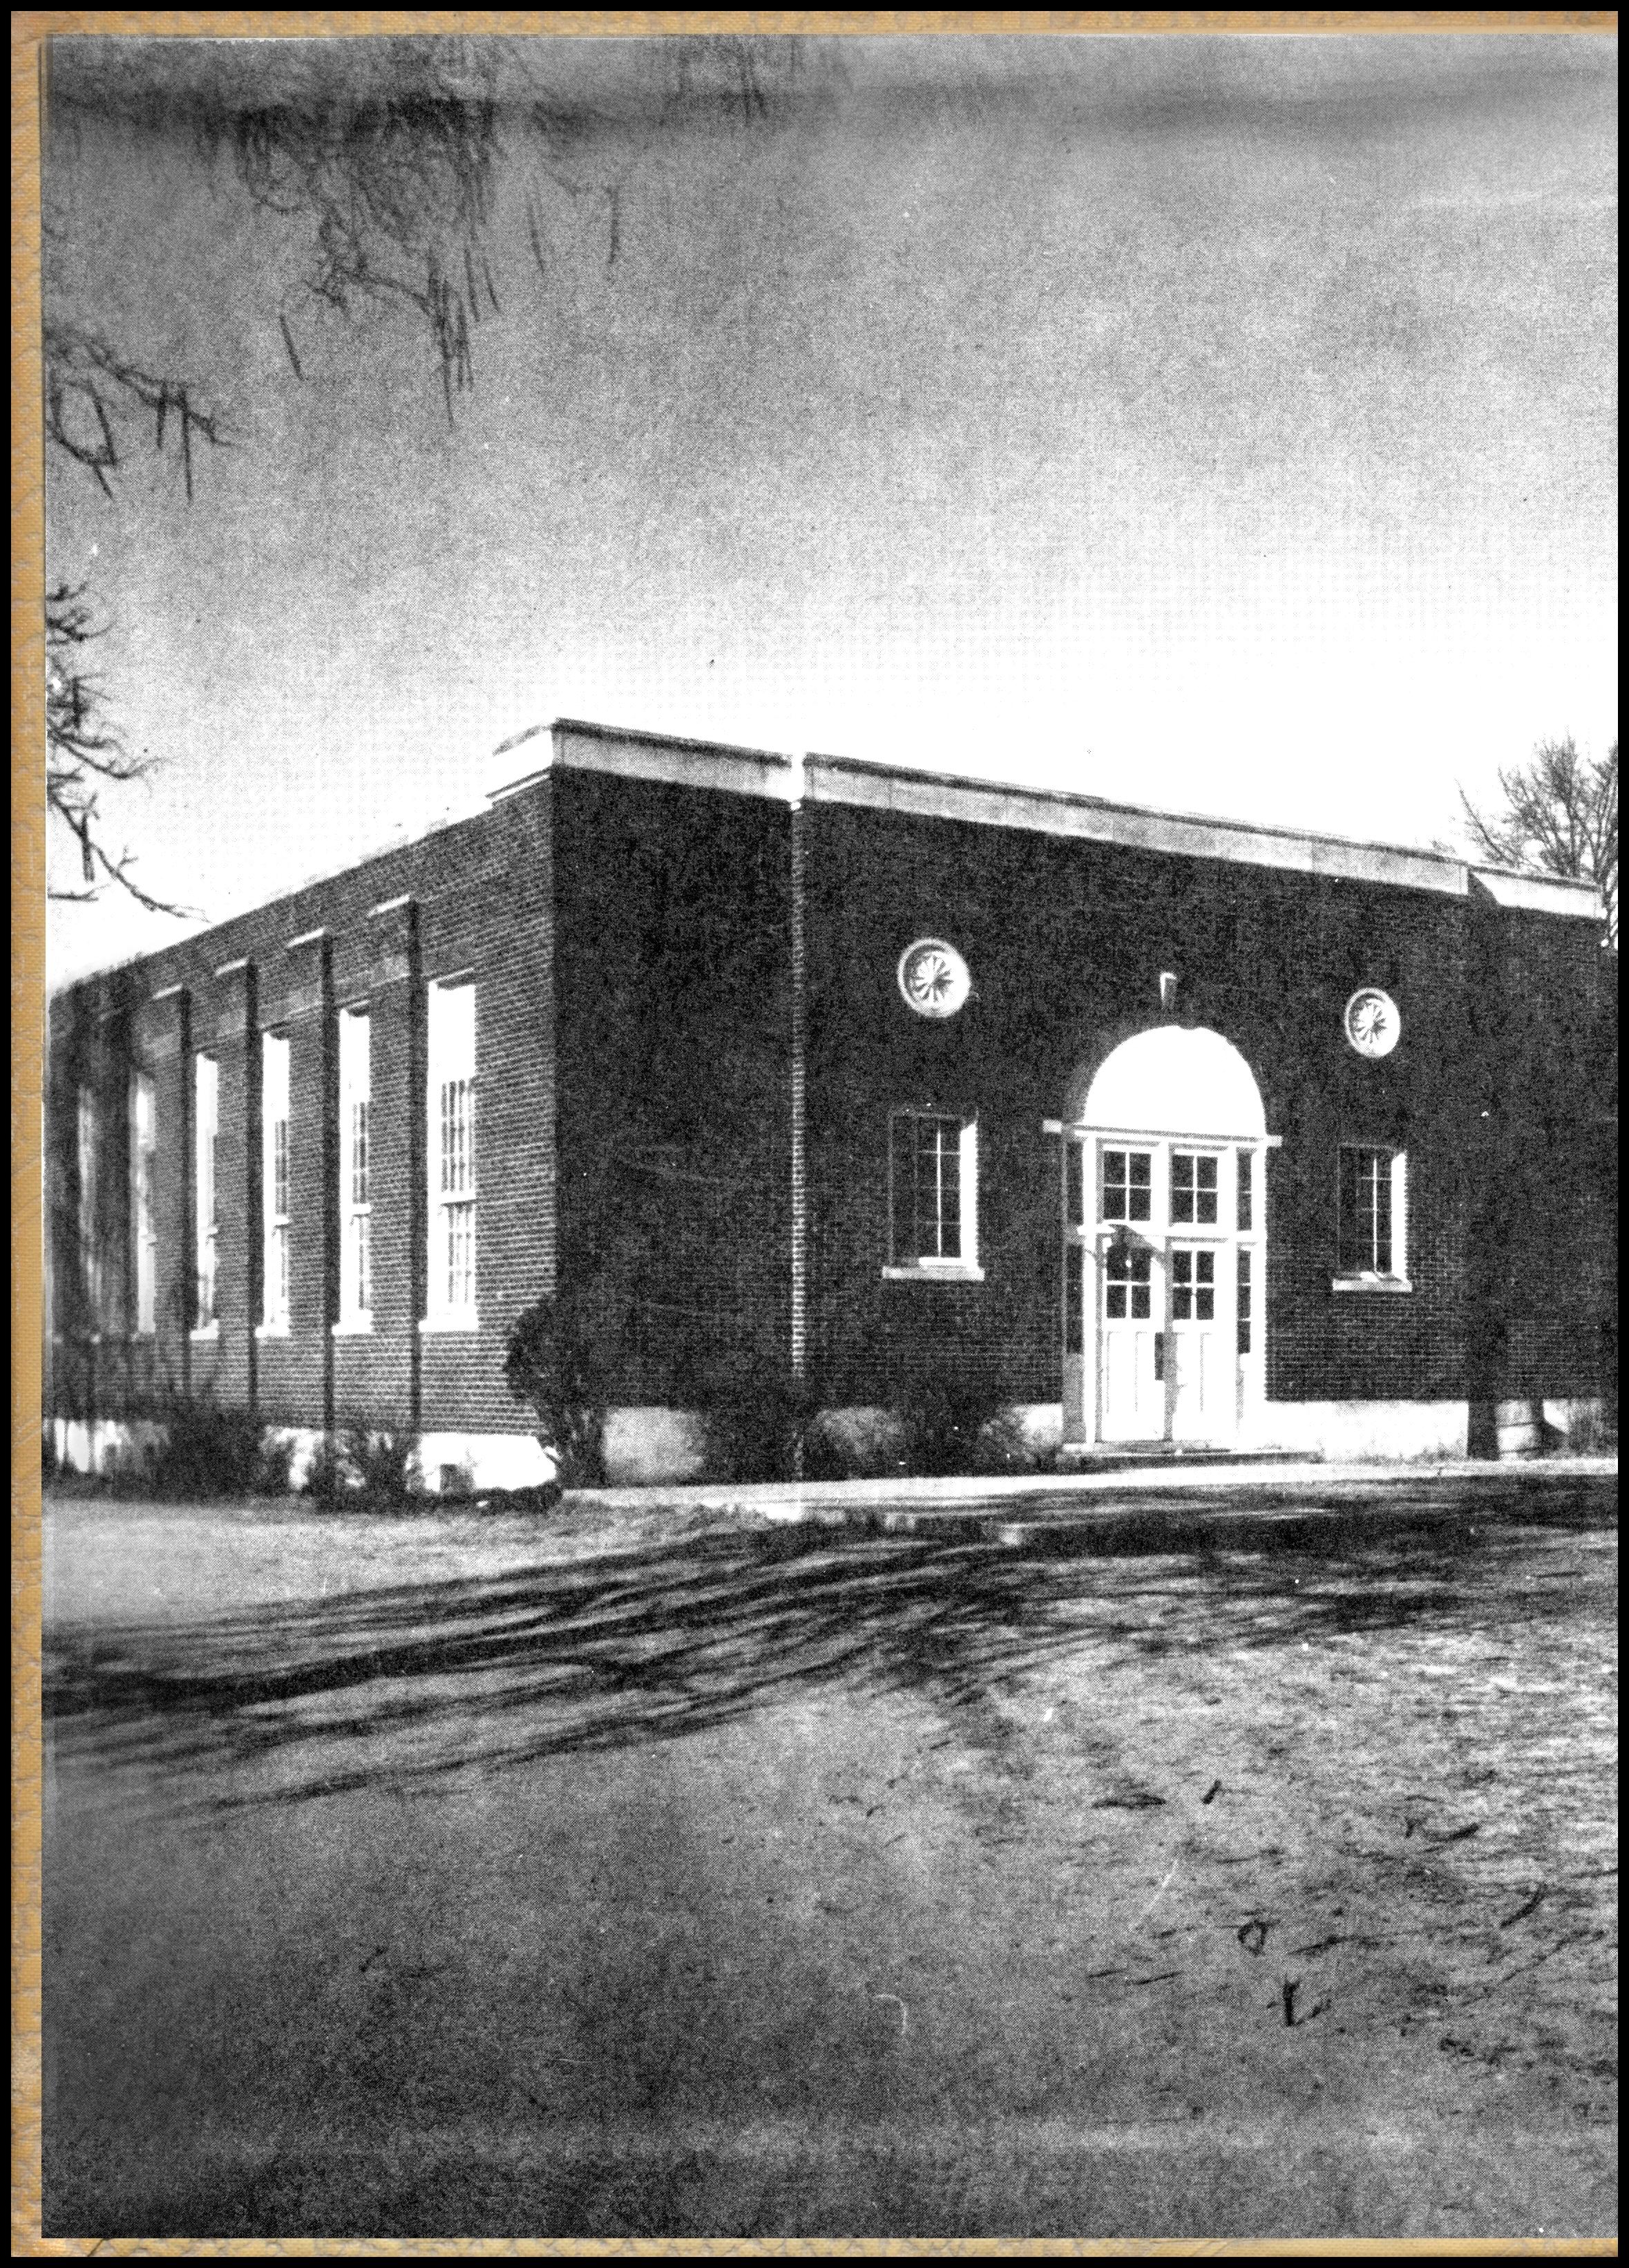 Dardanelle Public Schools